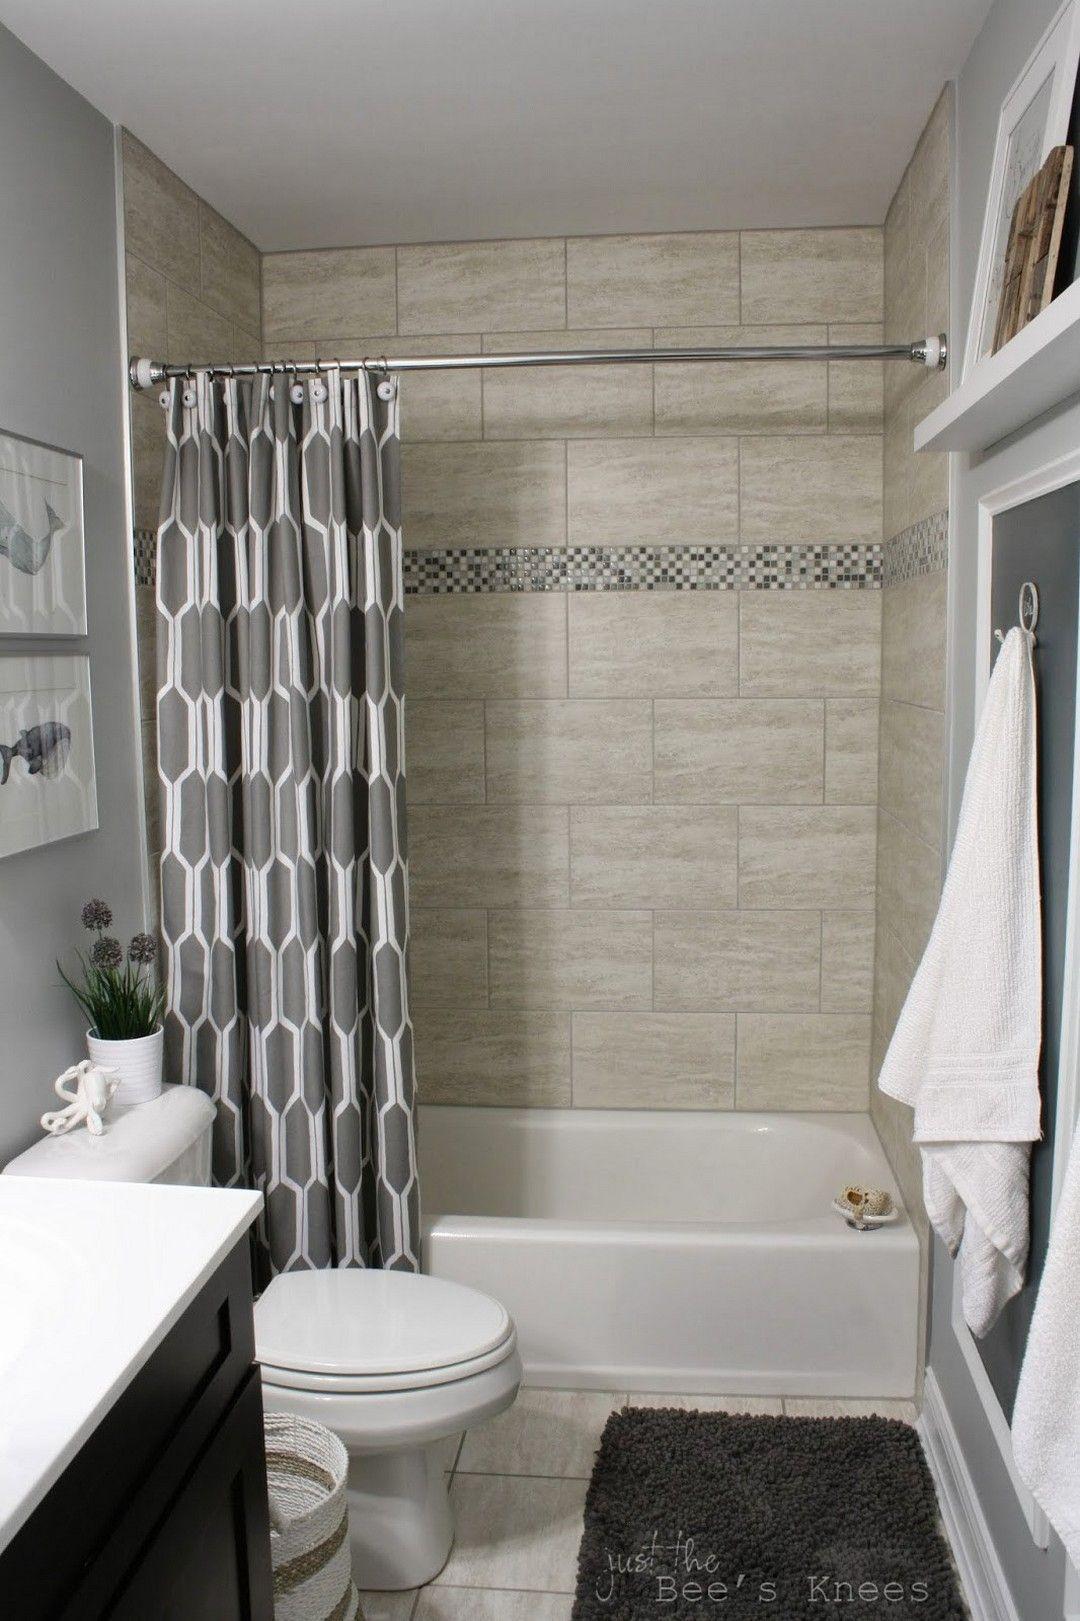 17 Basement Bathroom Ideas On A Budget Tags Small Basement Bathroom Floor Plans Basement Ba Gorgeous Bathroom Bathroom Remodel Master Small Bathroom Decor